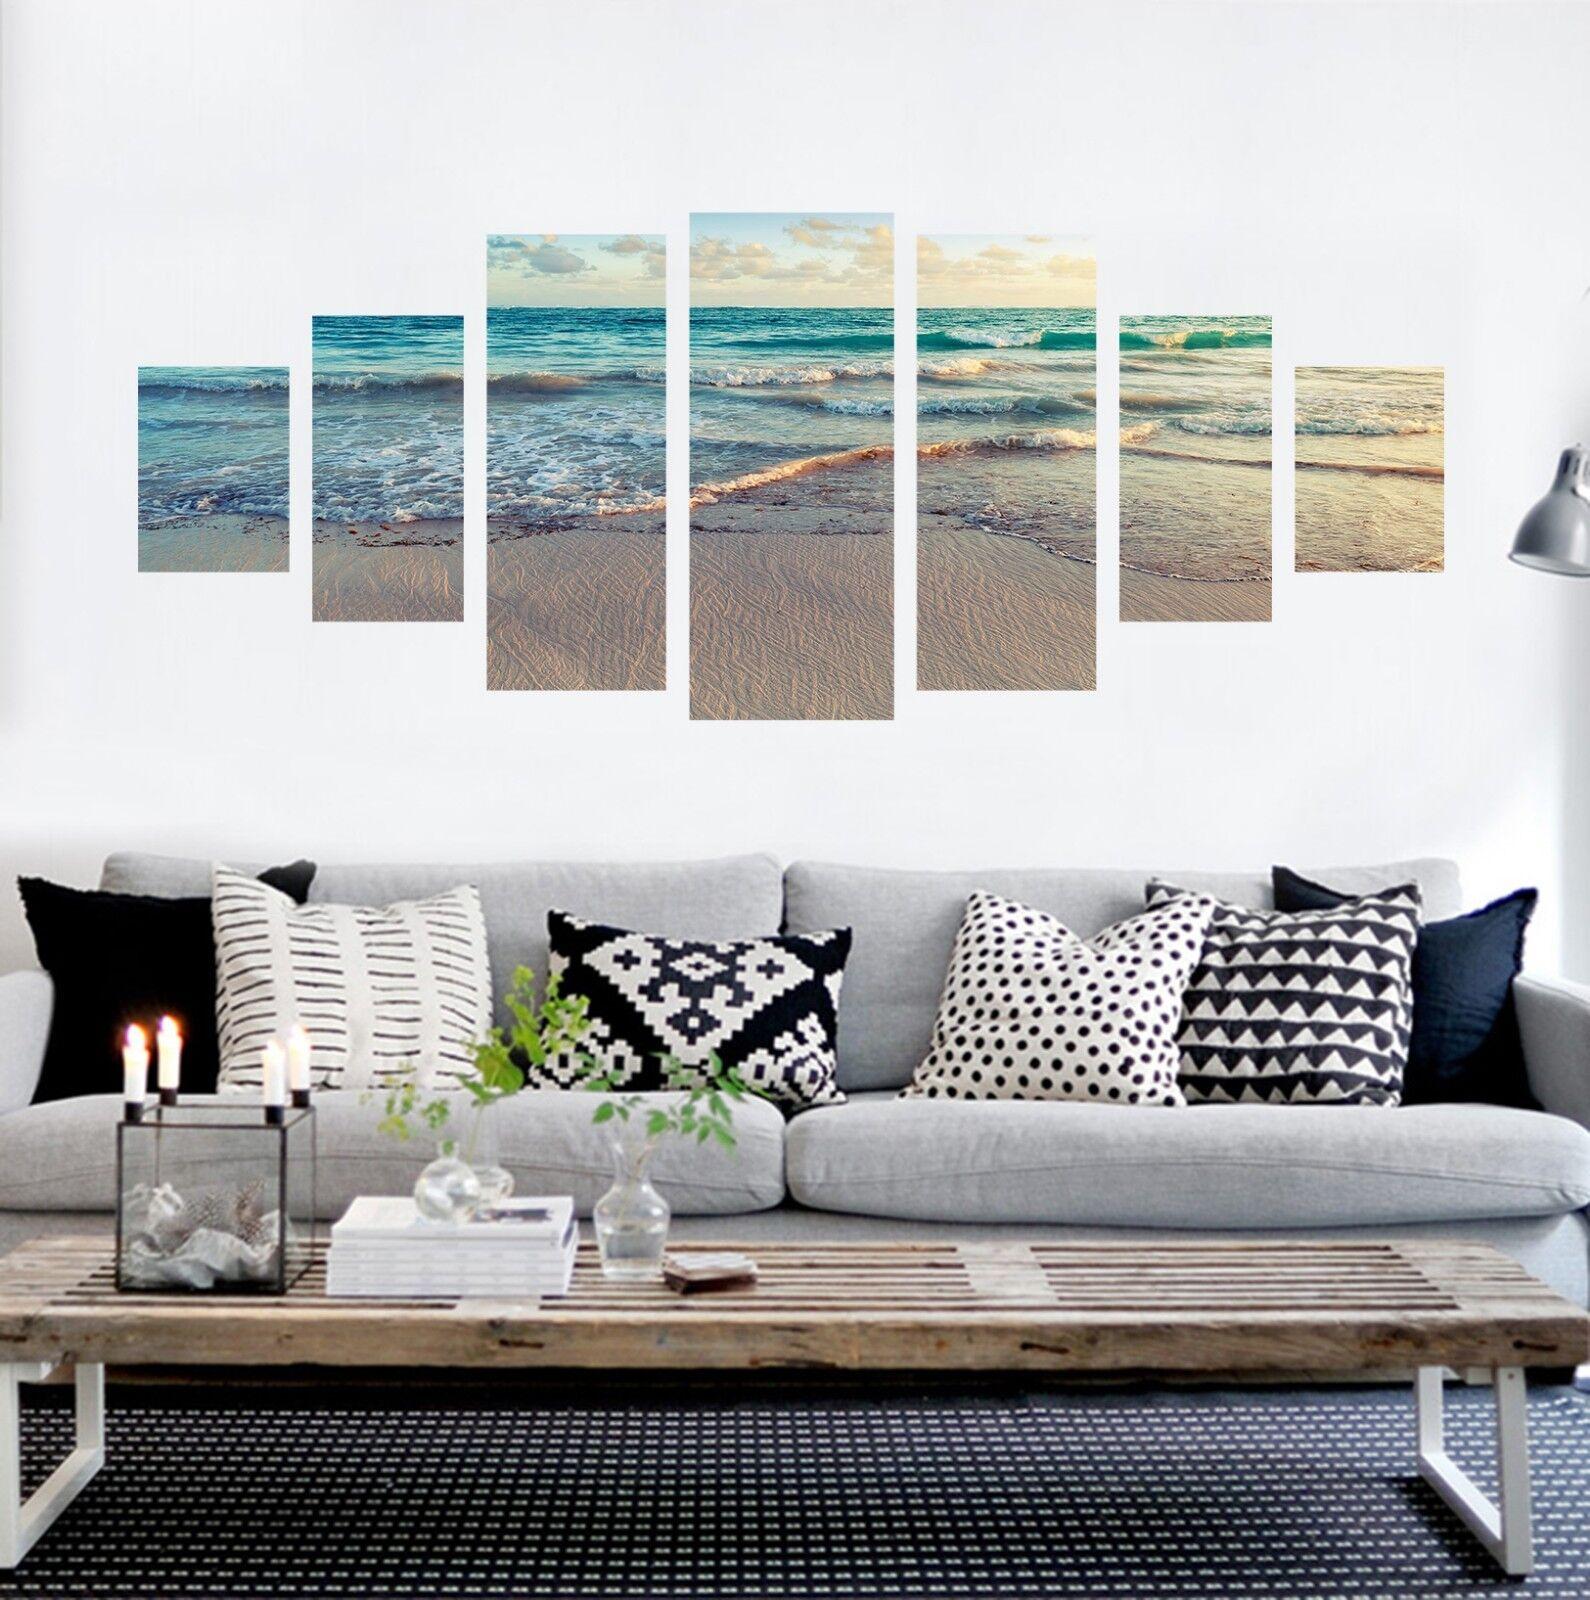 3D natural Beach Wave 6 sin enmarcar Impresión Papel de Parojo Calcomanía Decoración De Parojo Parojo Interior AJ